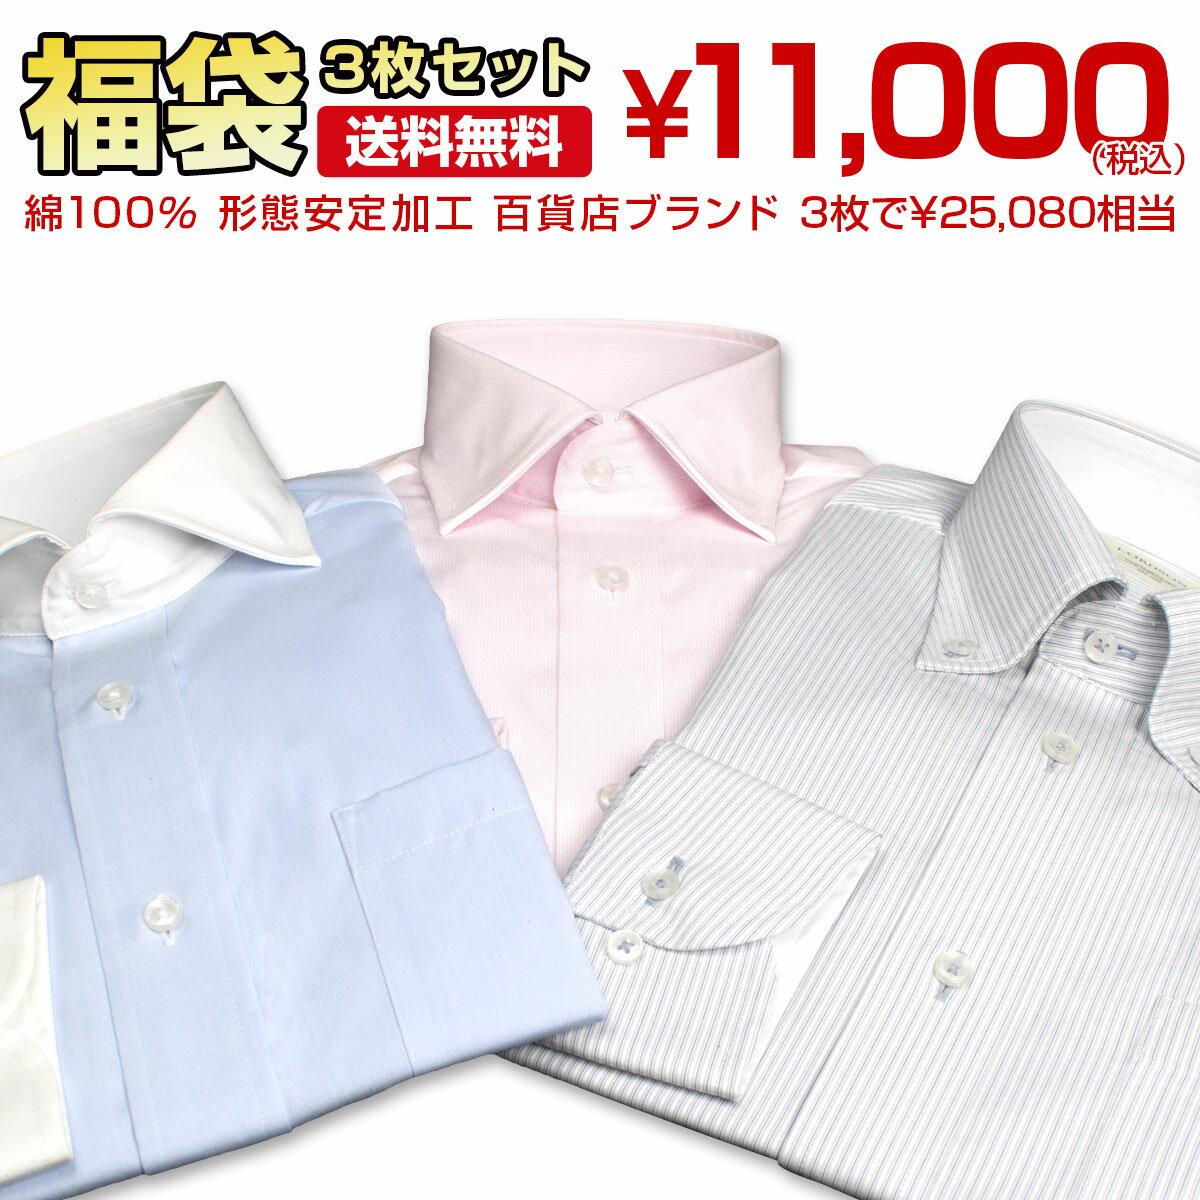 ブランドシャツ3枚入り福袋 長袖 形態安定加工 綿100% 百貨店ブランド ドレスシャツ 3枚セット   高級 上質 (zod992-100)(sa1)